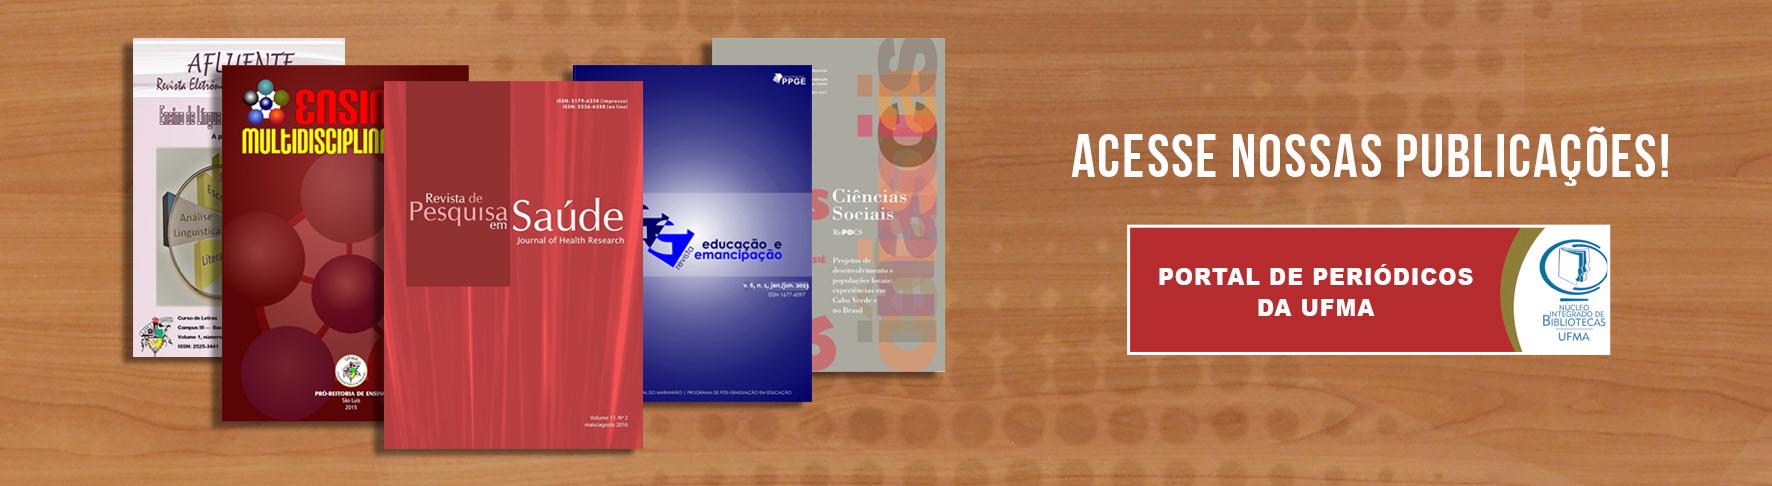 Portal de Periódicos da UFMA